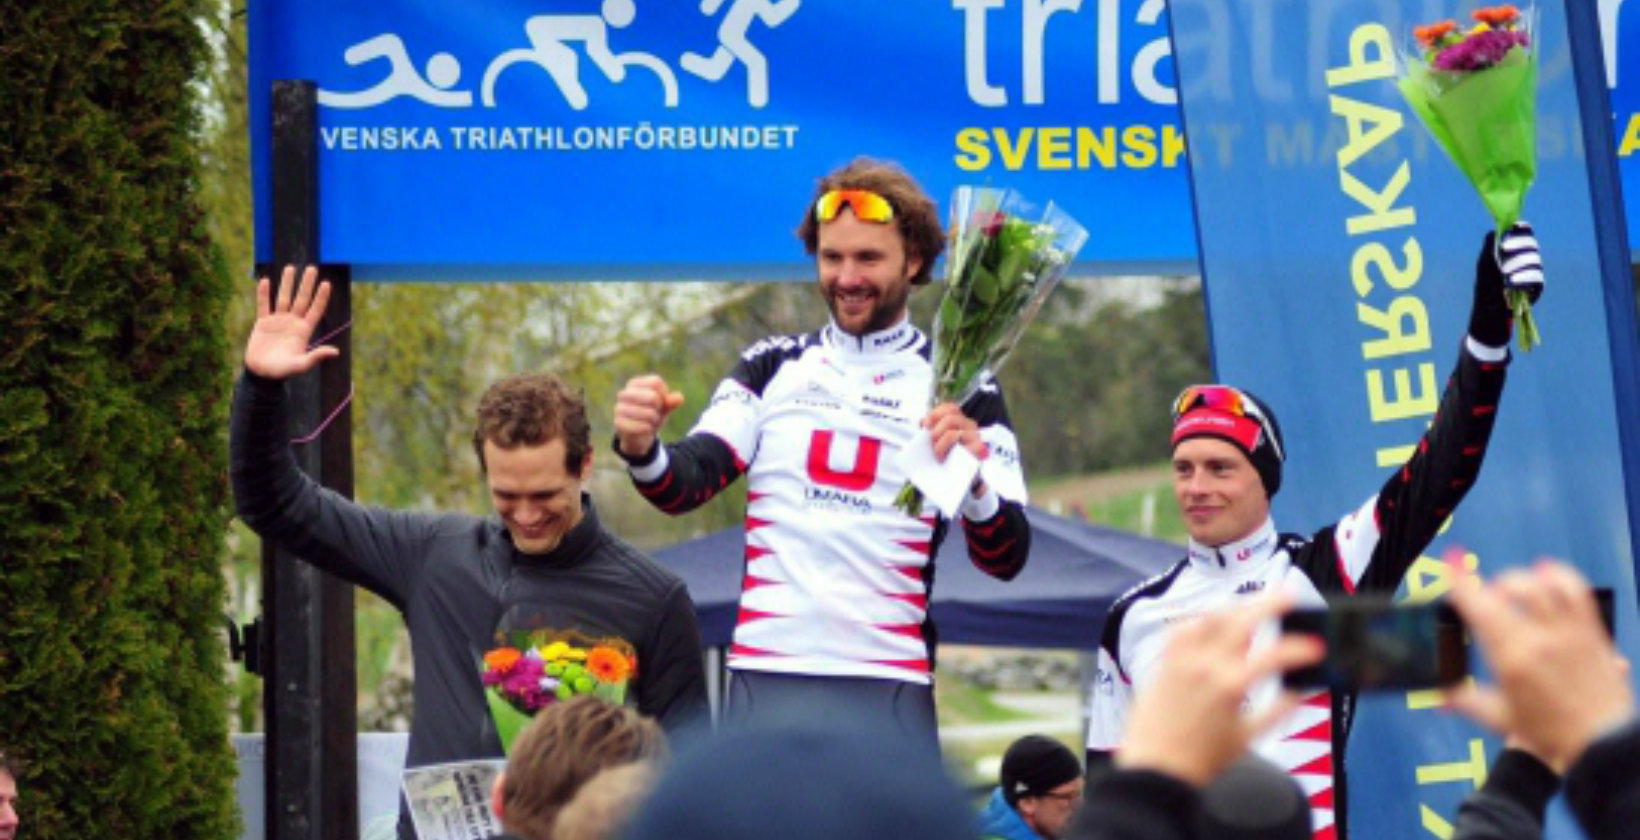 Foto: Kalle Kemppainen / Svenska Triathlonförbundet